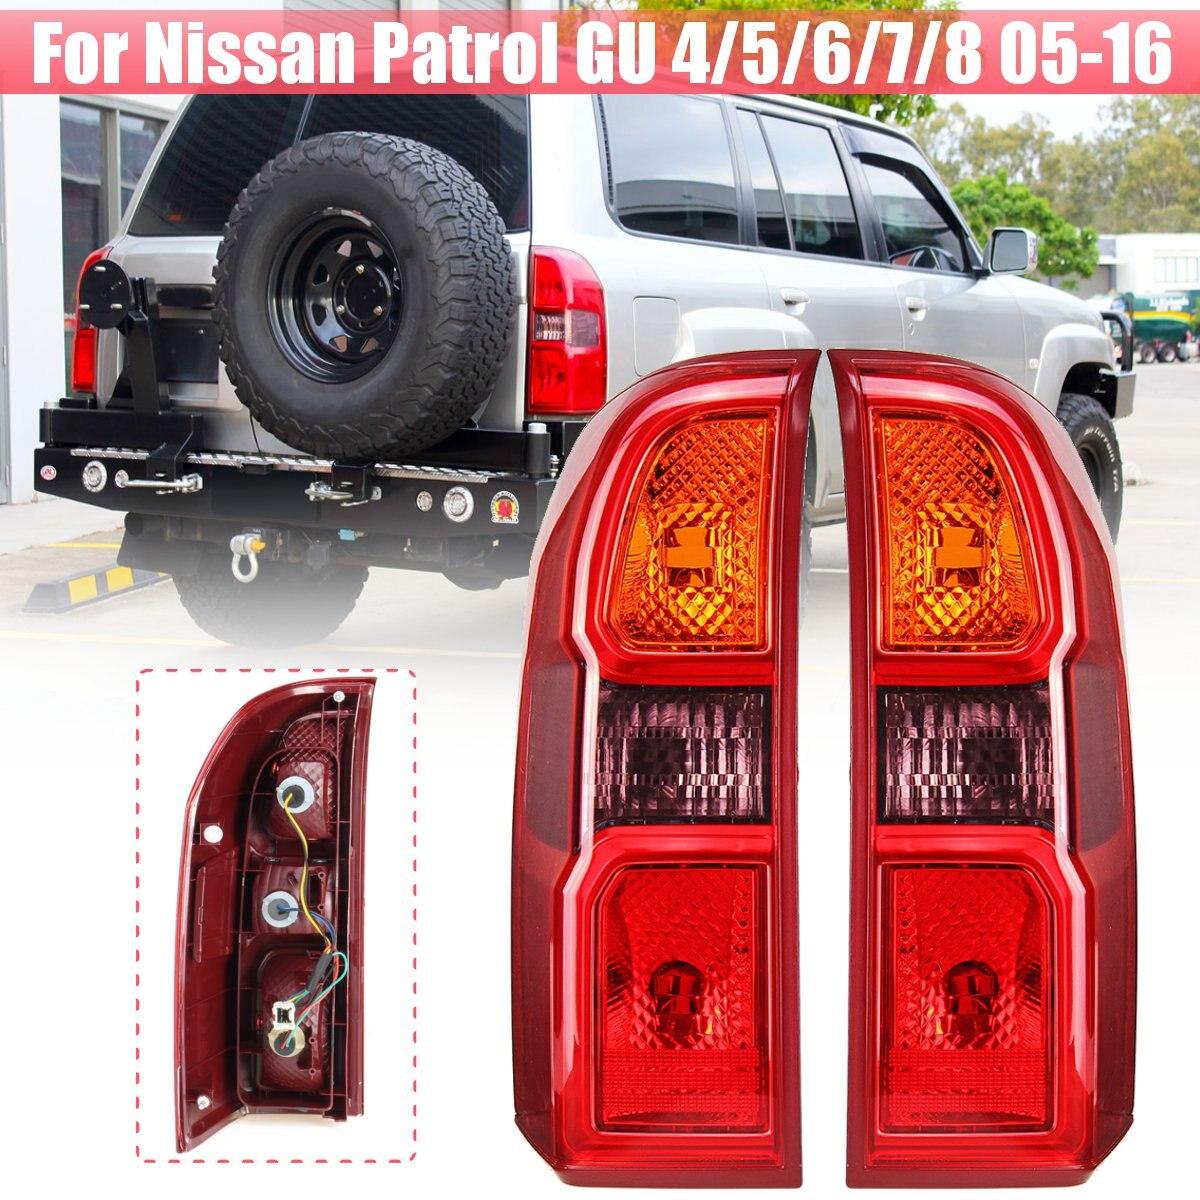 Arrière feu arrière lampe de frein feu arrière Lampe Pour Nissan Patrol GU 4/5/6/7/8 2005 2006 2007 2008 2009 2010 2011 2012-2016